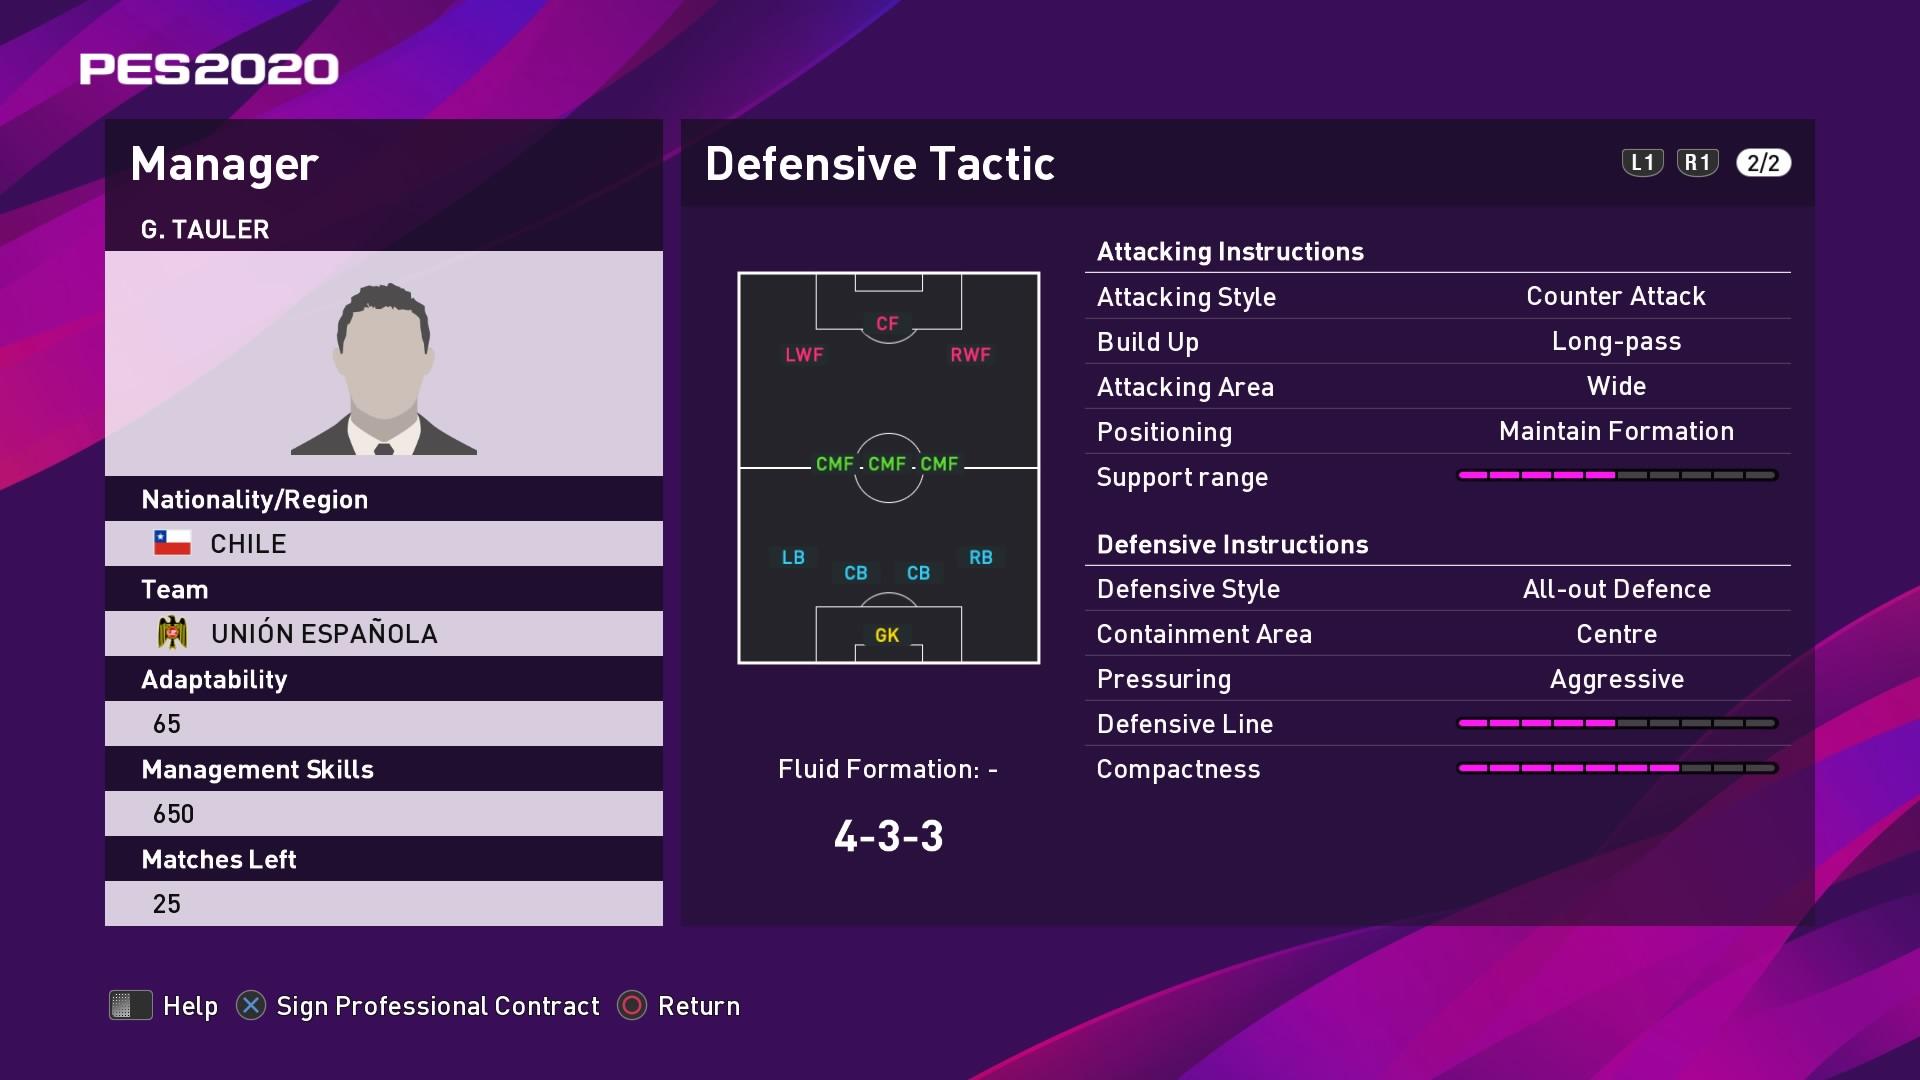 G. Tauler (Ronald Fuentes) Defensive Tactic in PES 2020 myClub